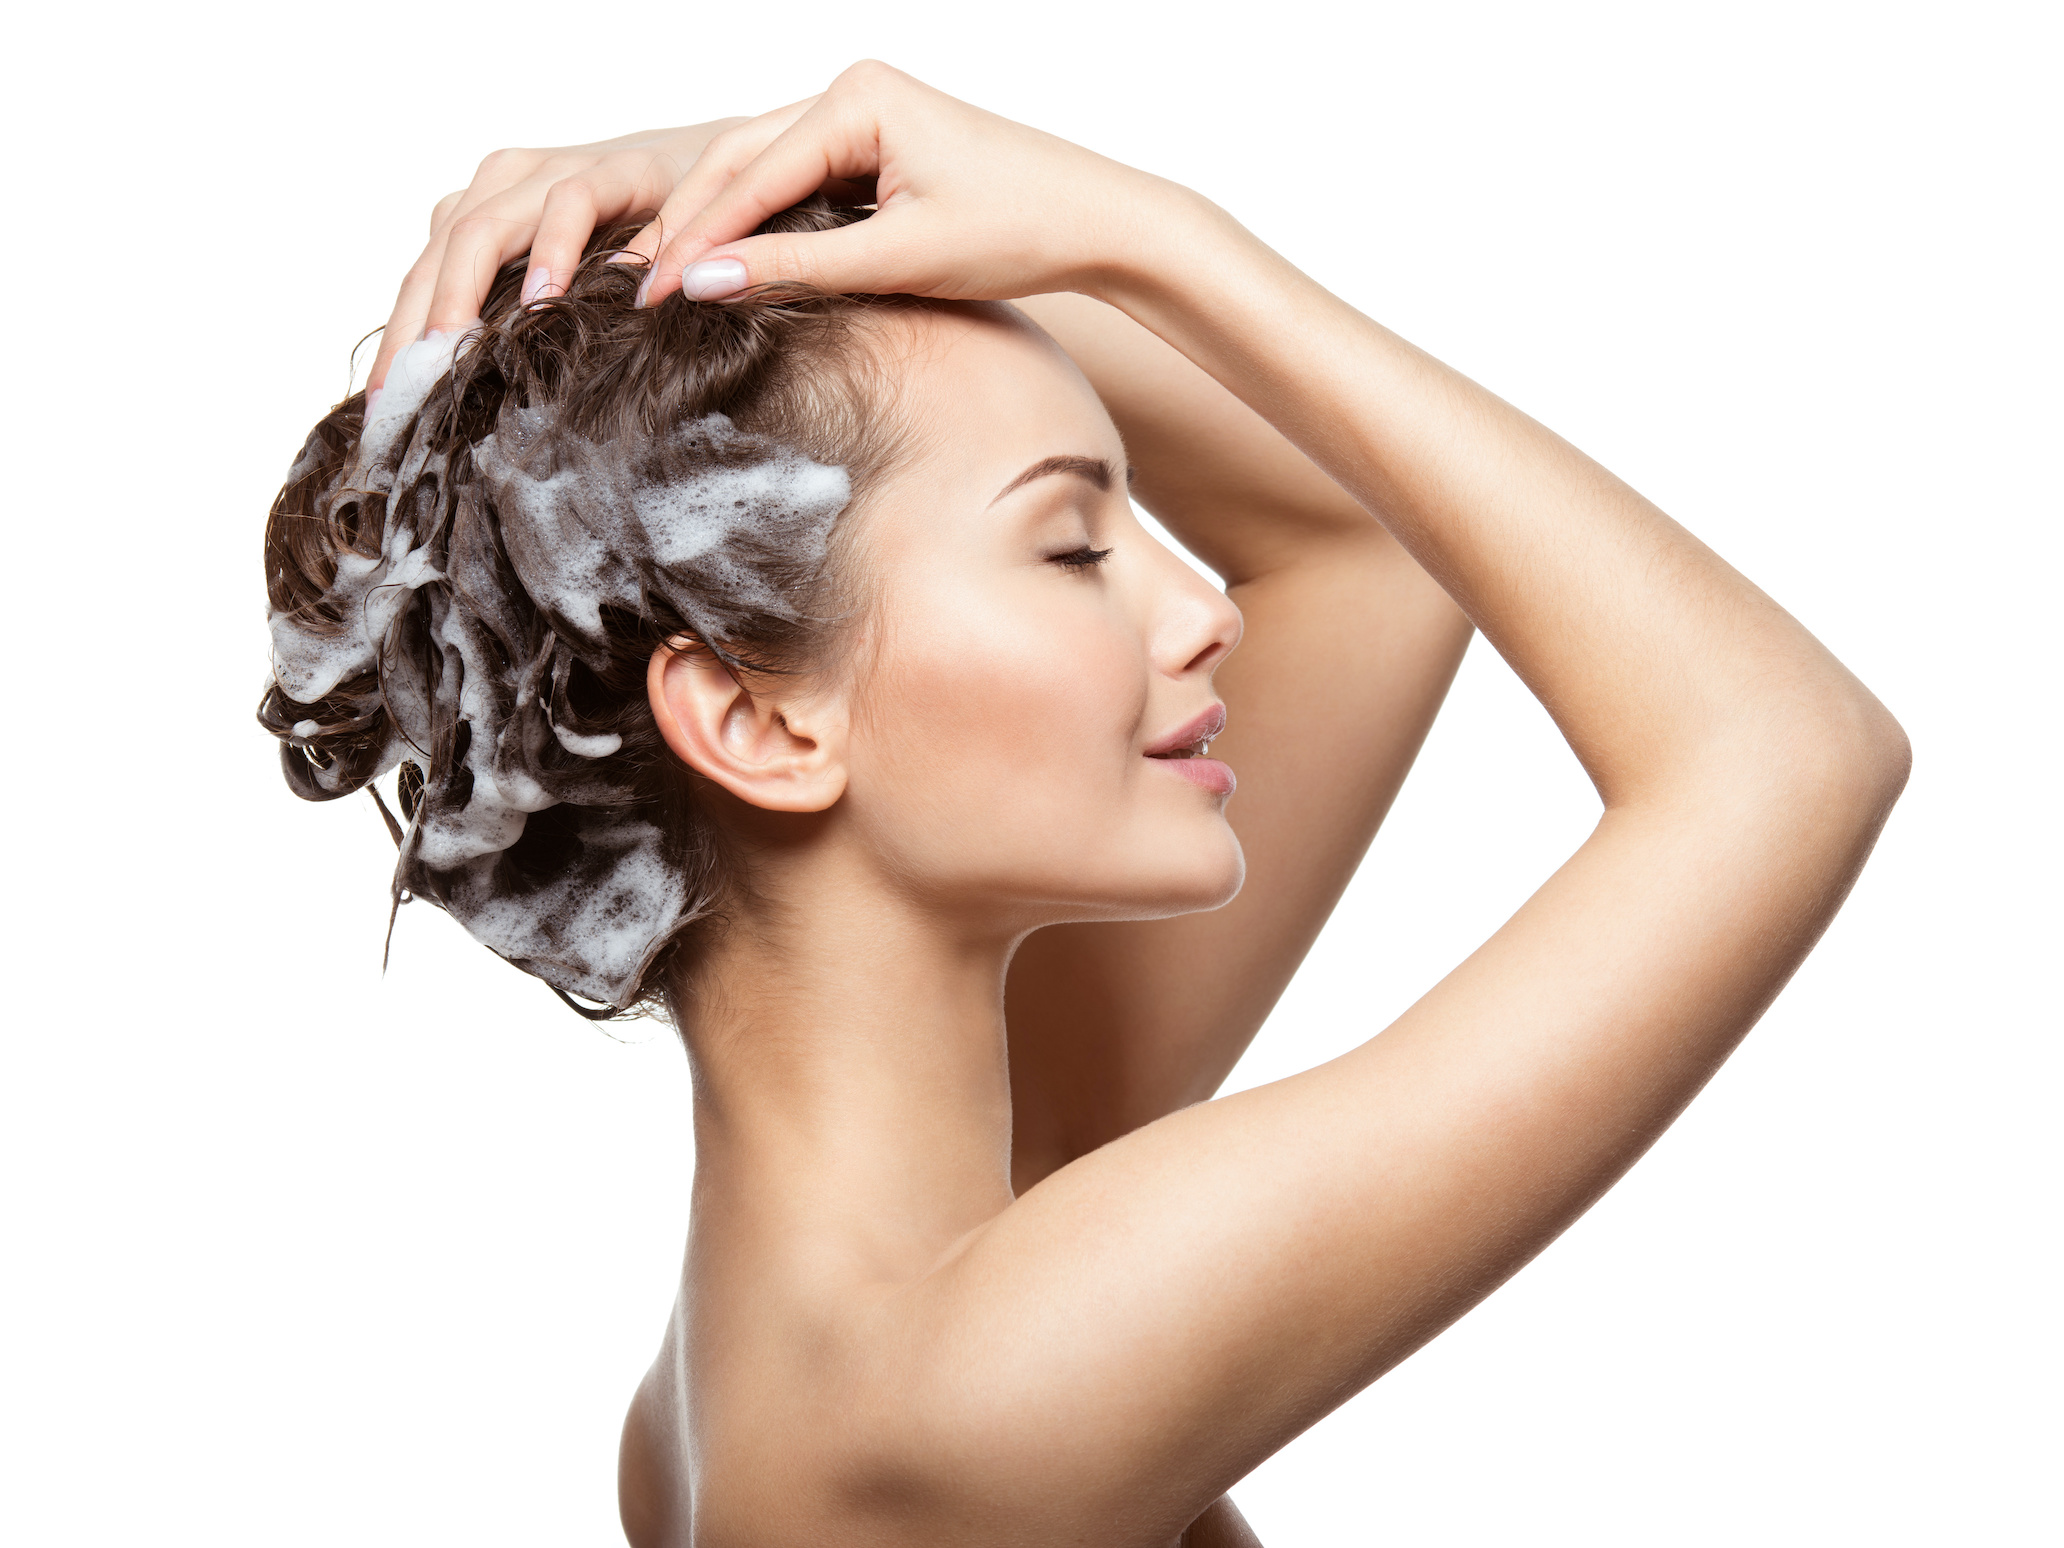 2.バスタイムのヘッドマッサージで頭皮をケアして、美容&リフレッシュ!